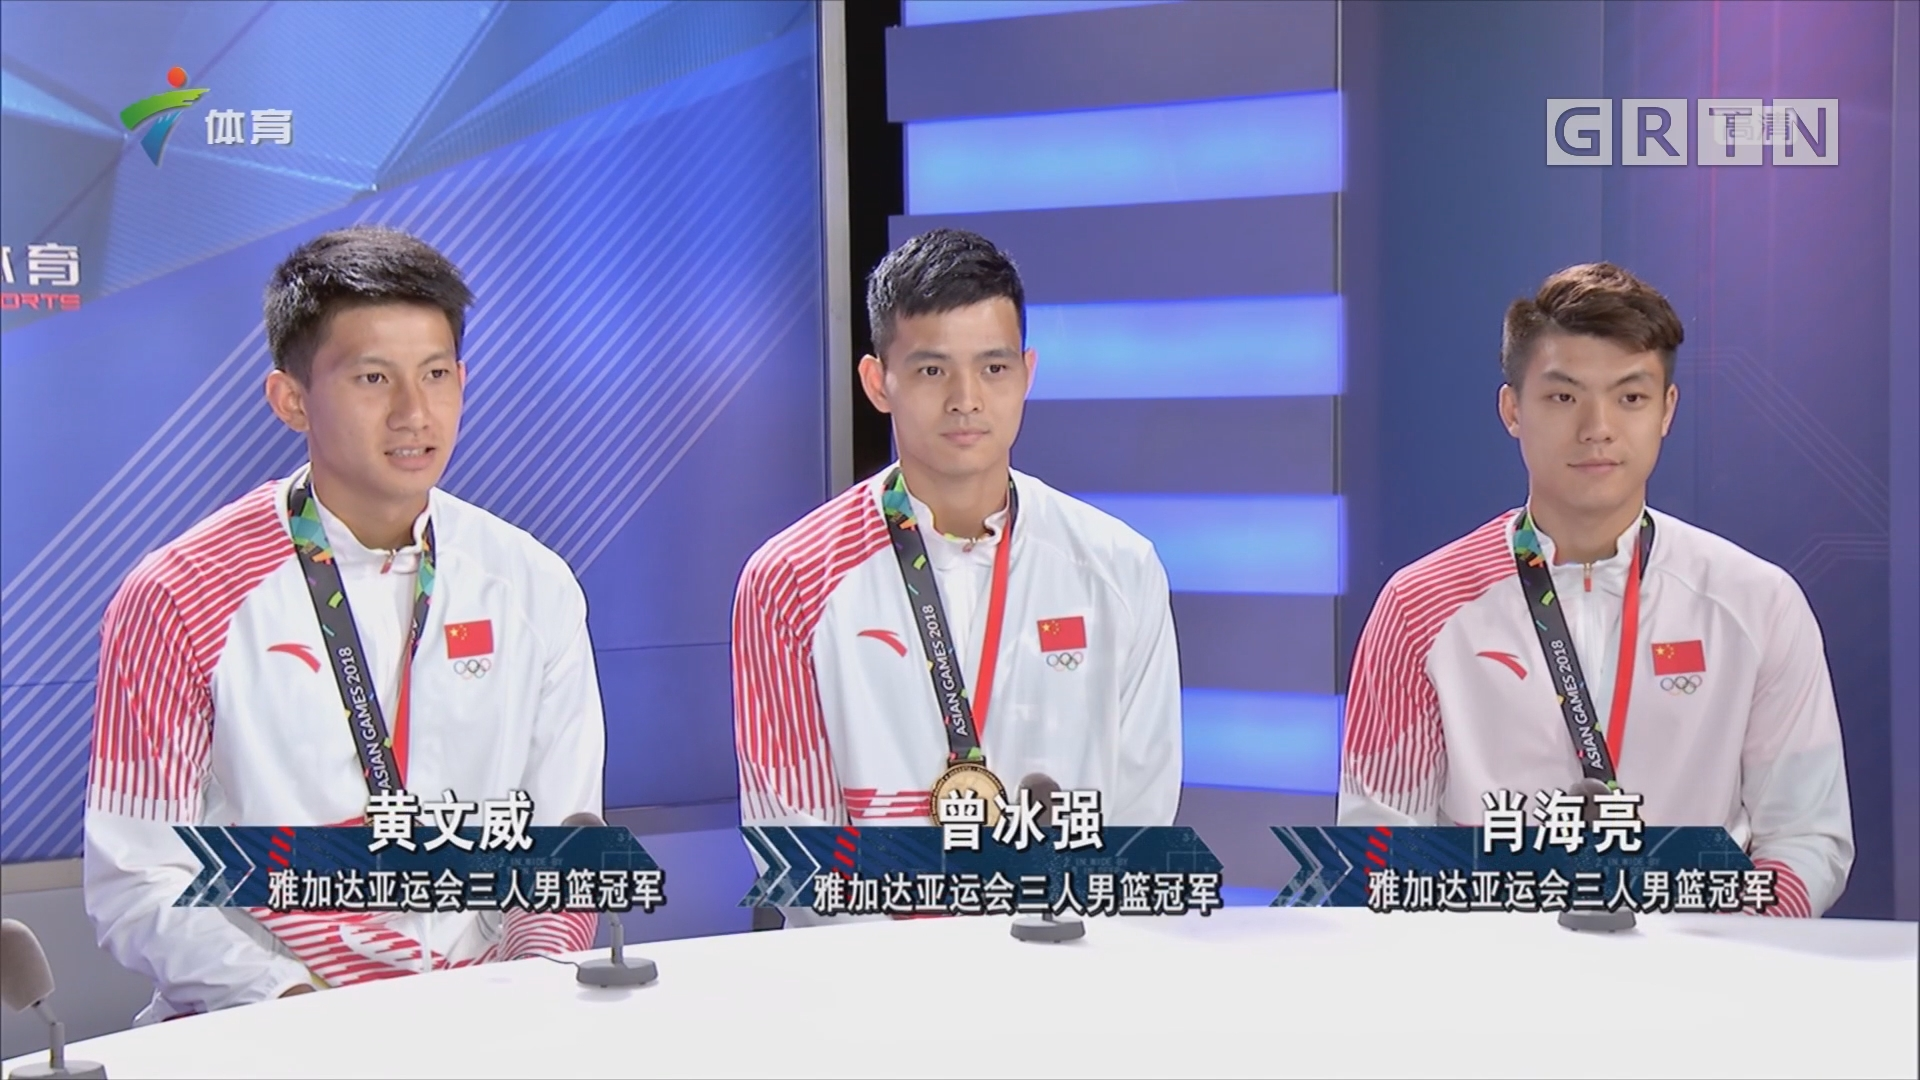 采访三人篮球亚运冠军队员